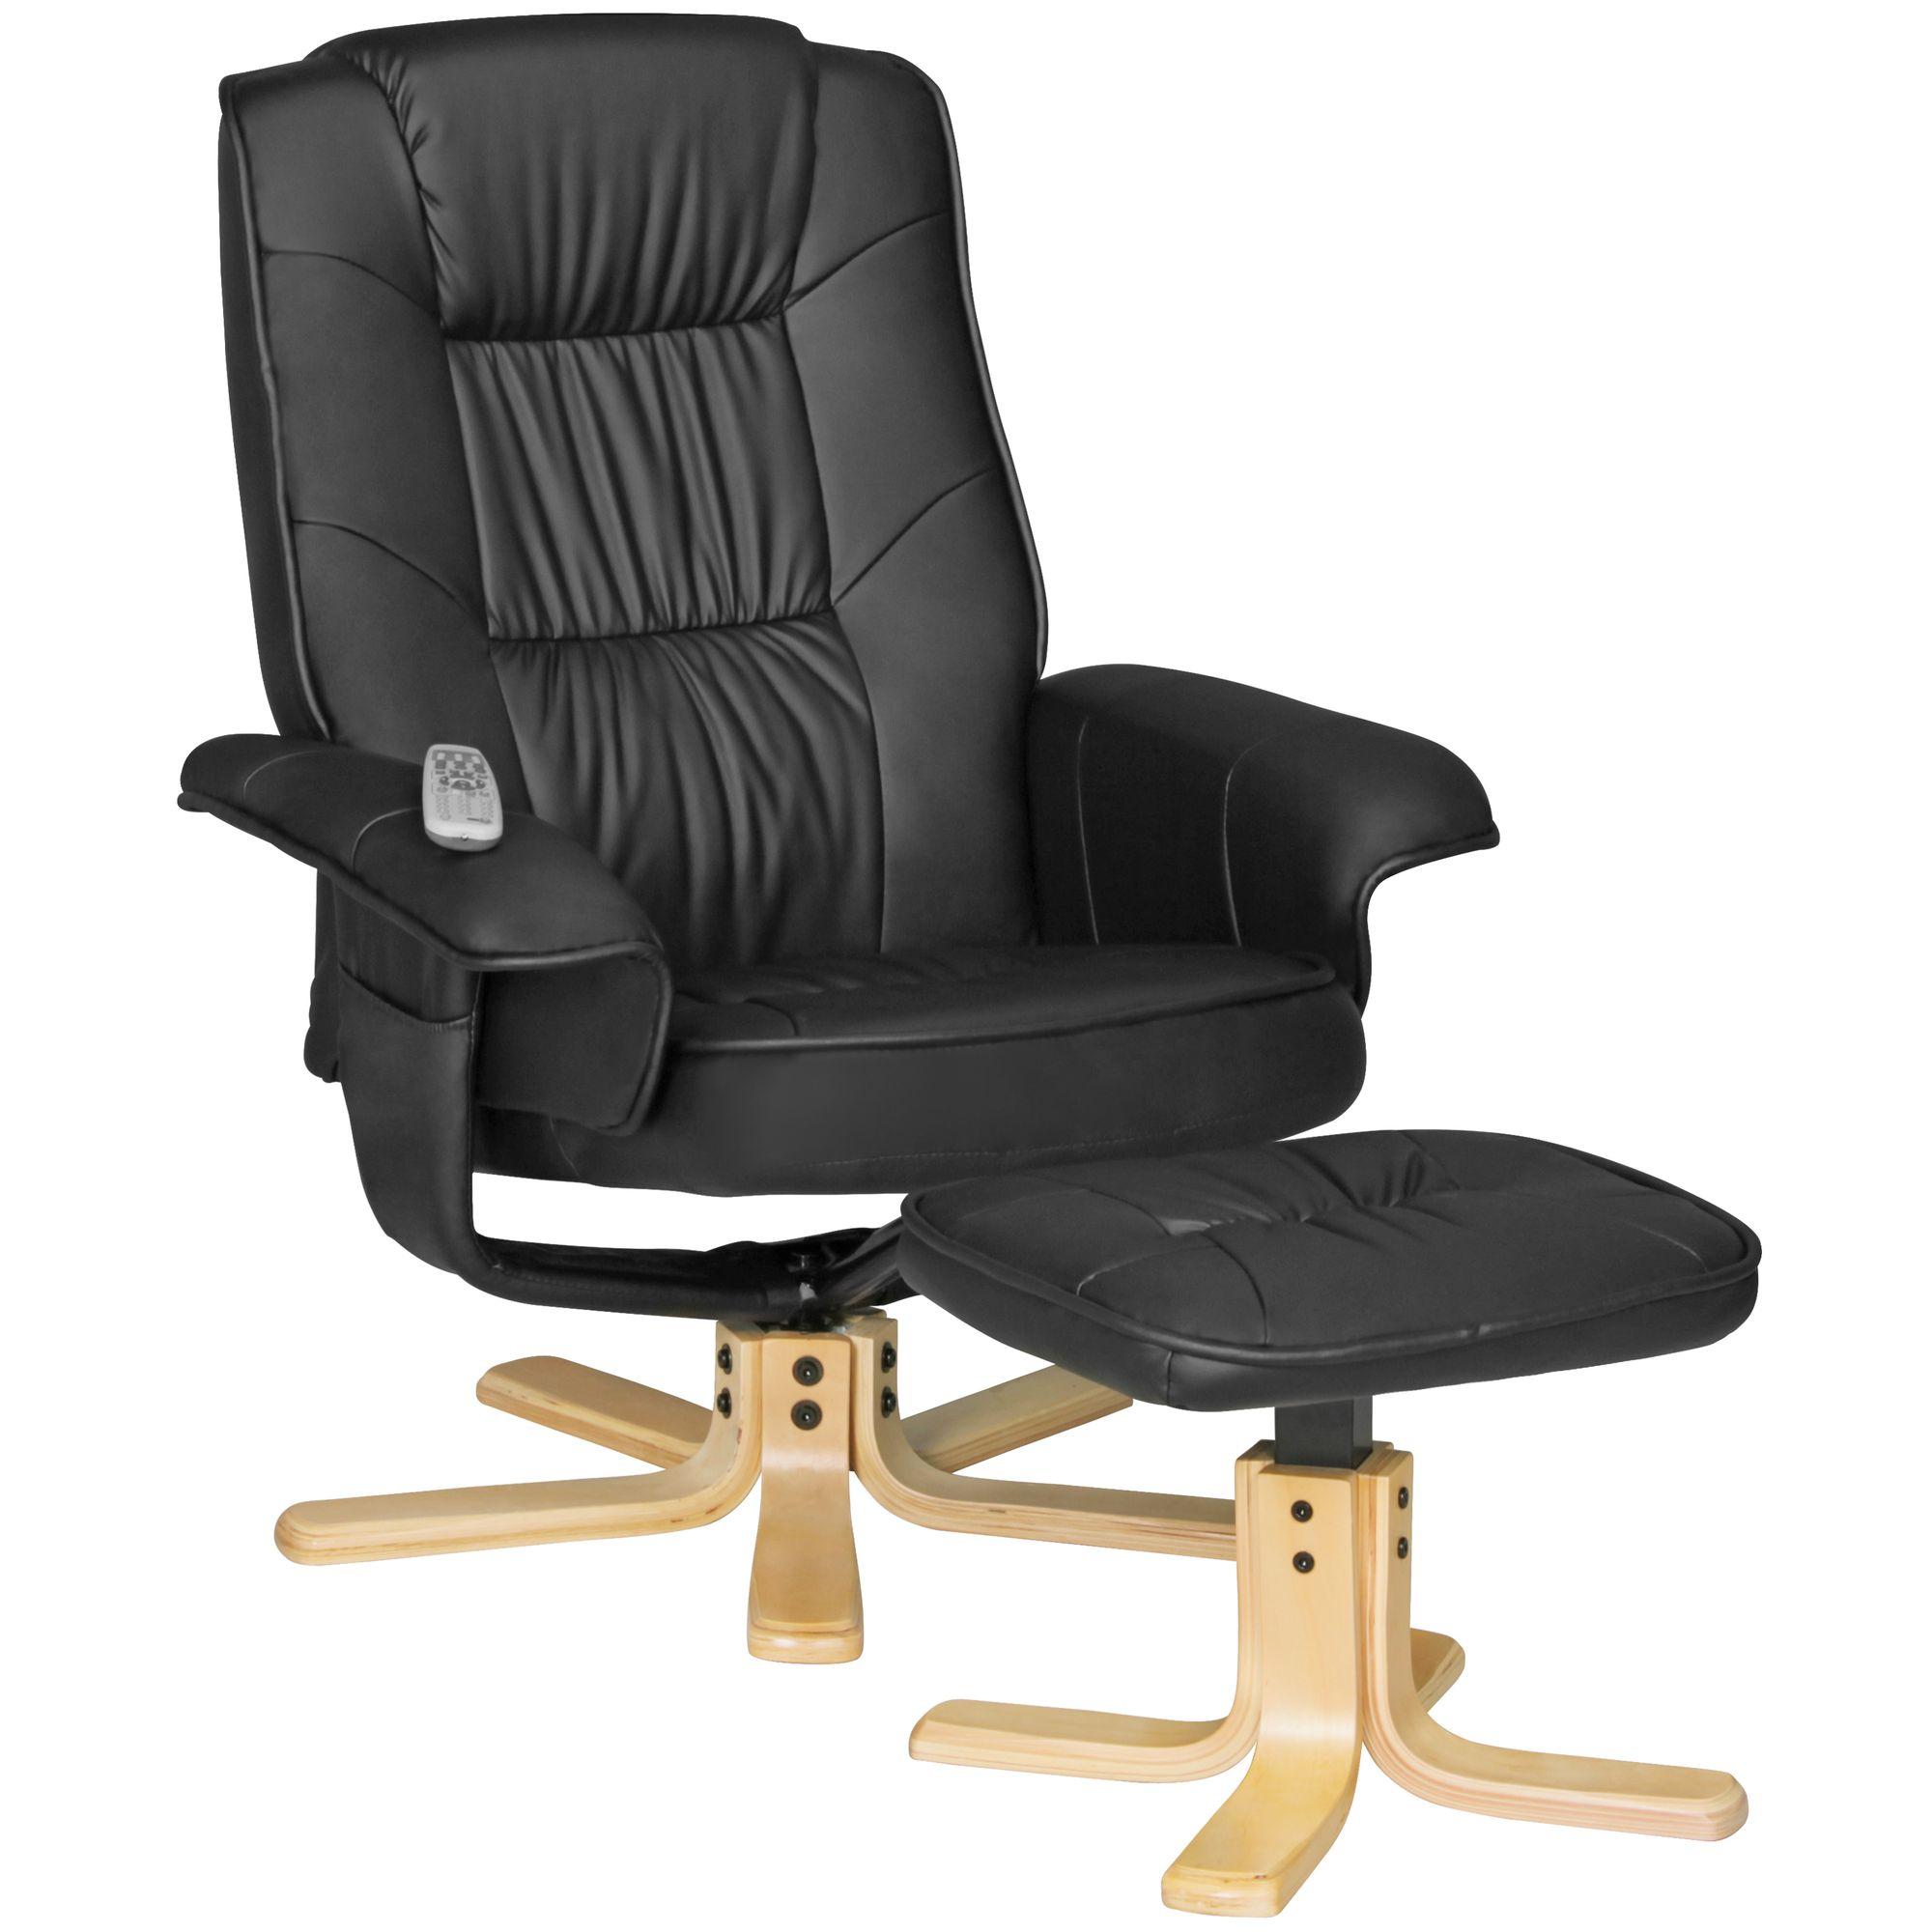 Astounding Sessel Xl Referenz Von Finebuy Fernsehsessel Relax Tv Design Relax-sessel Bezug